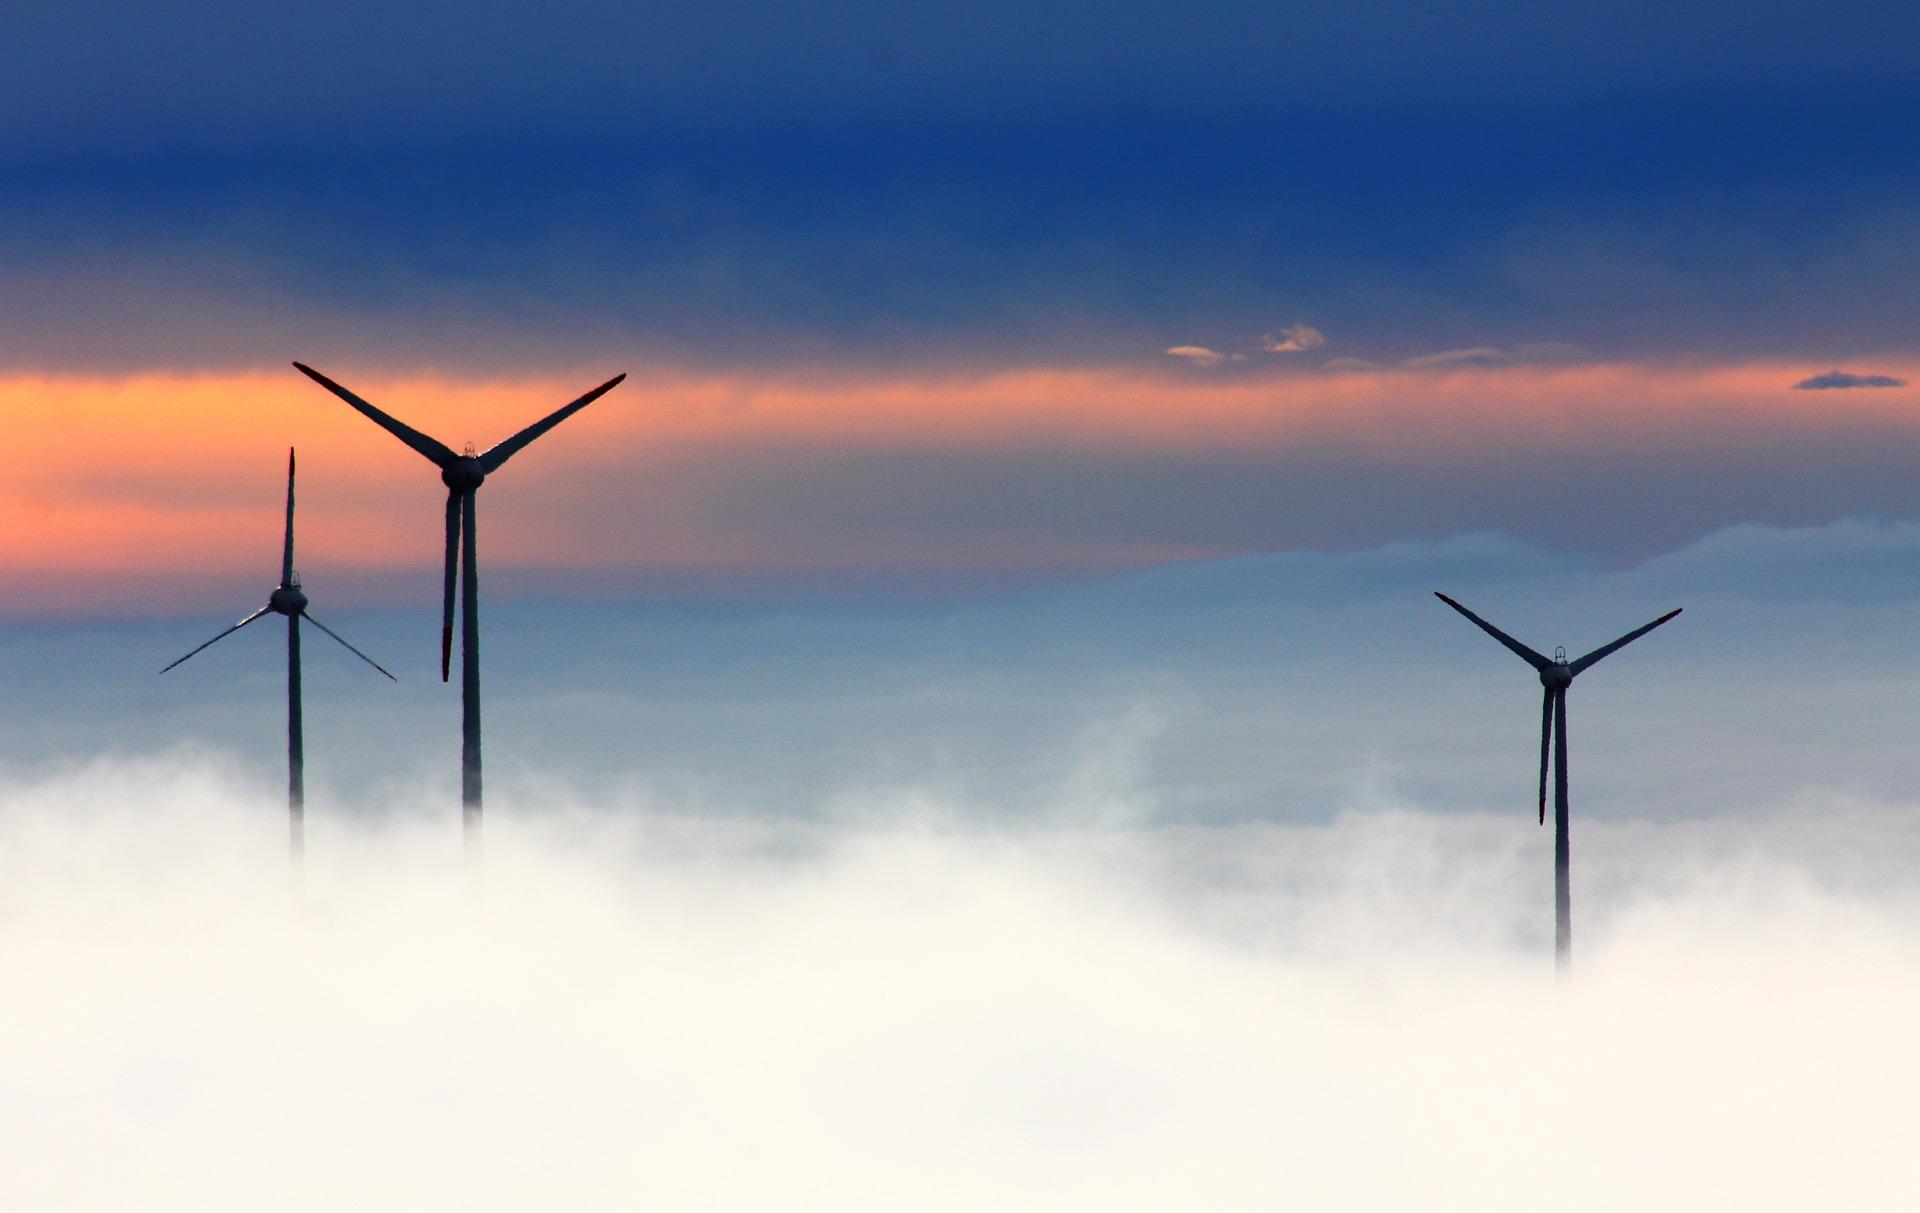 L'accessibilité et l'inépuisabilité de l'énergie